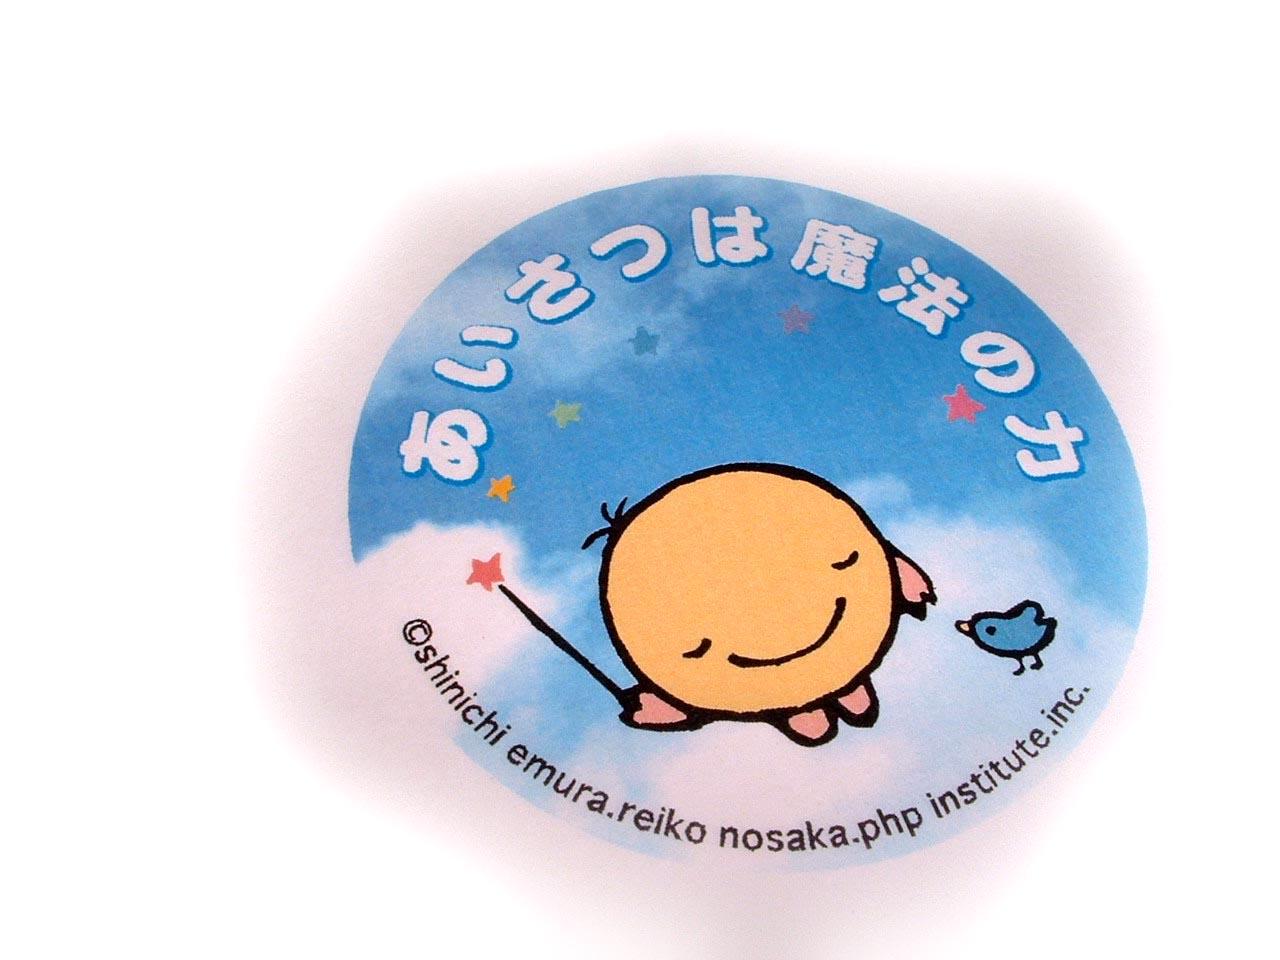 東京都あいさつフェスタのイベント_e0082852_2164058.jpg